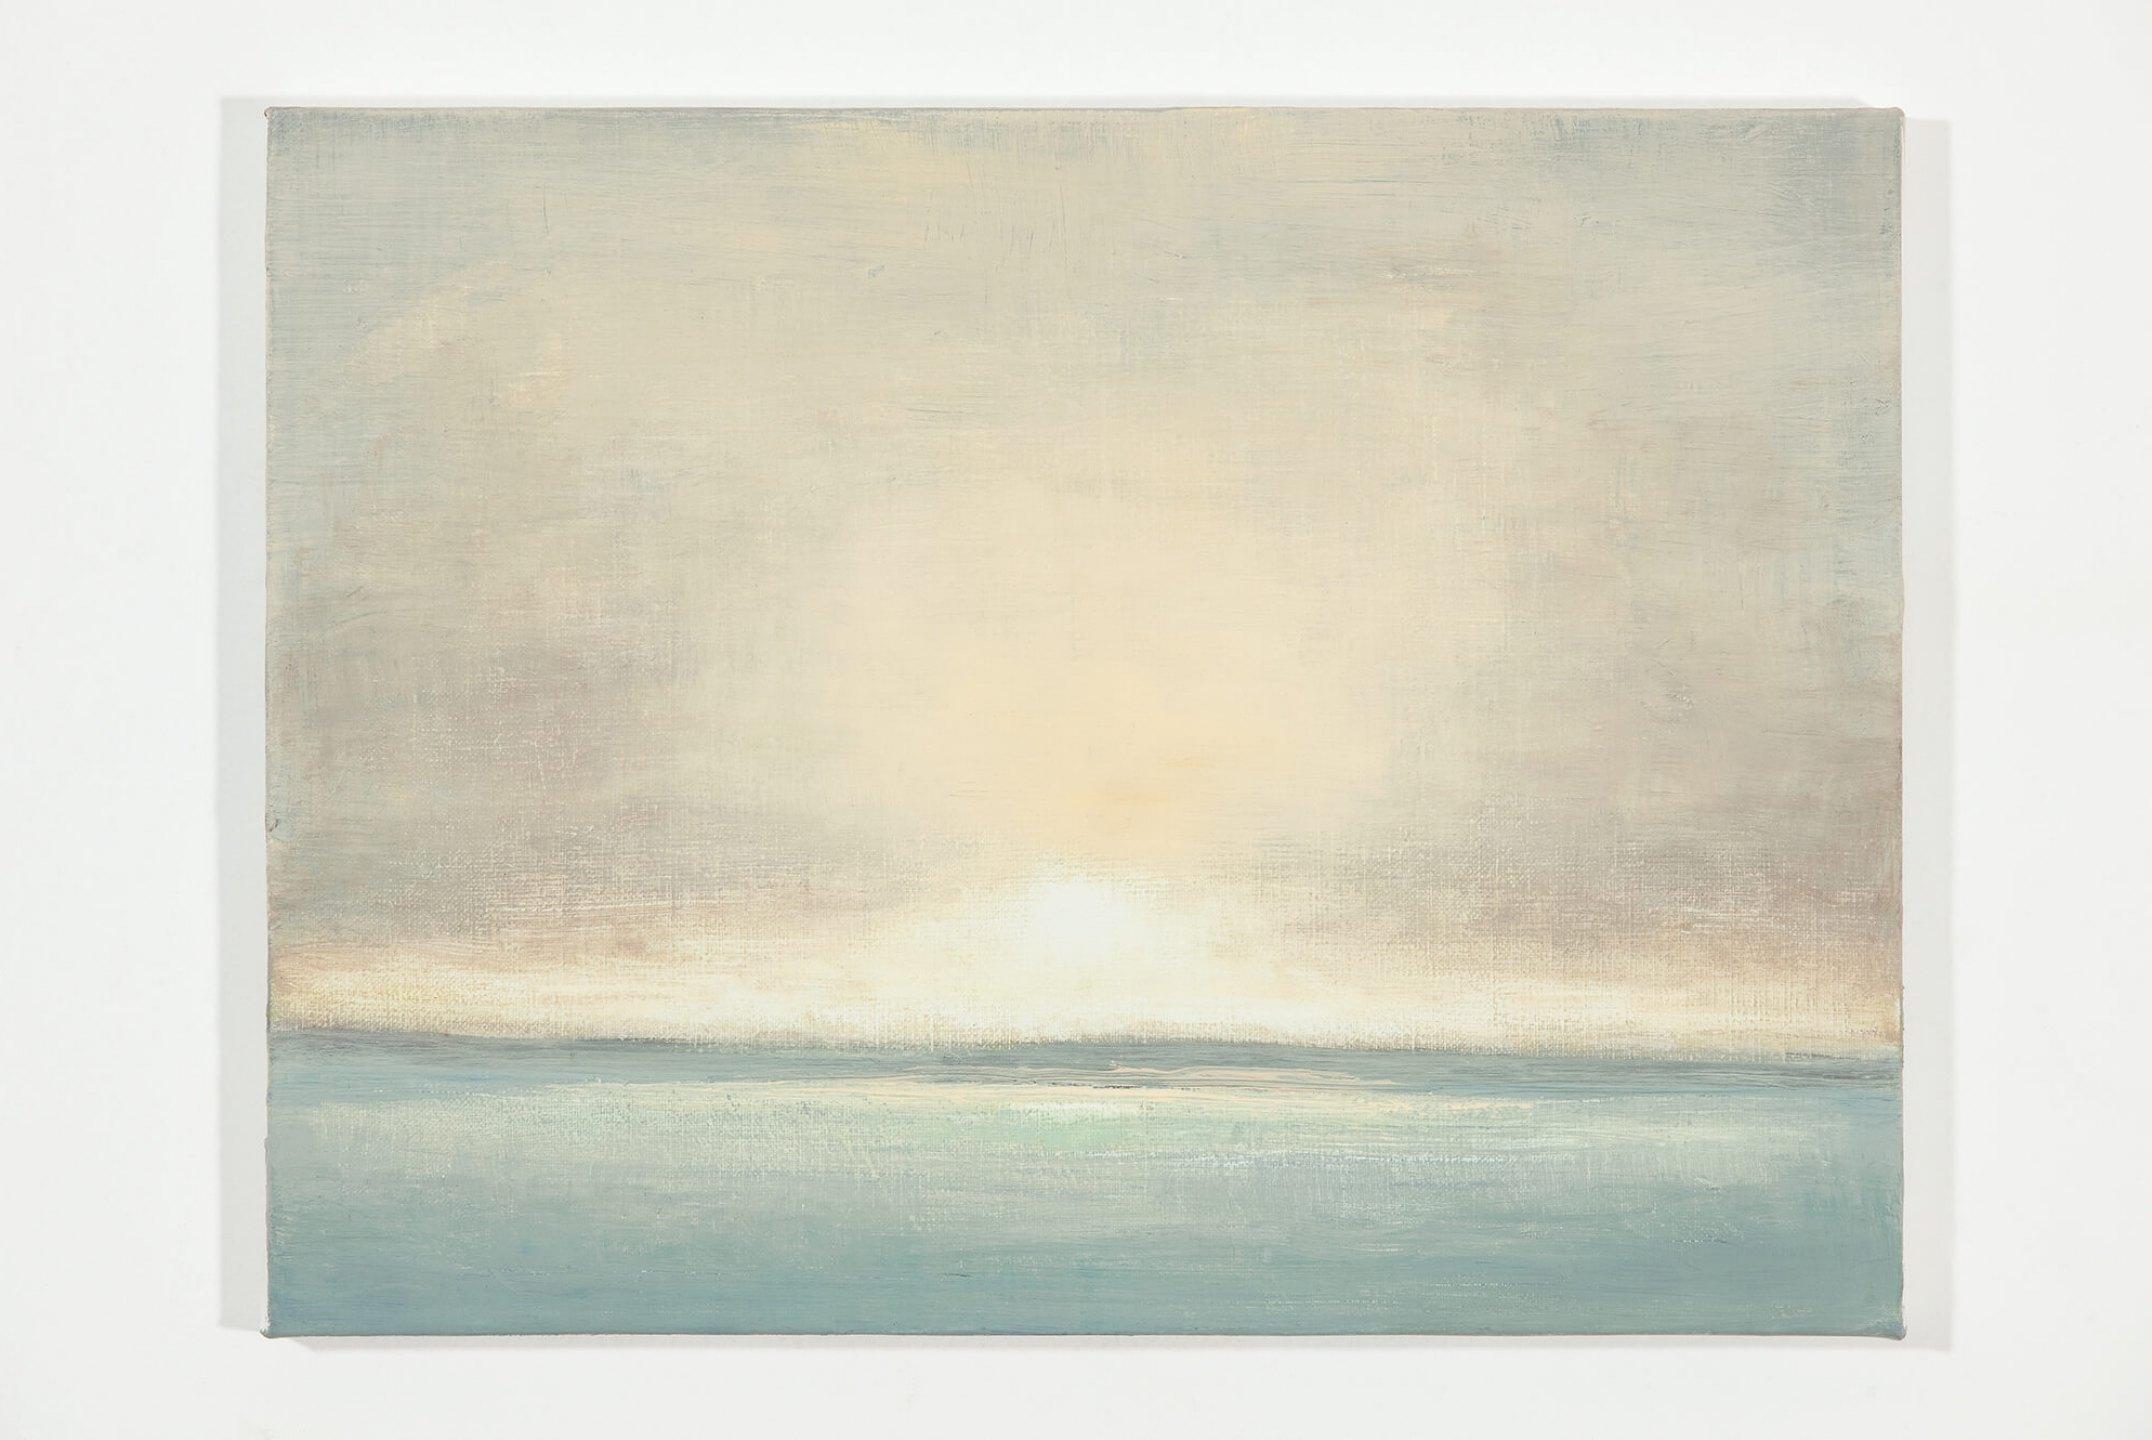 Lucas Arruda,&nbsp;<em>untitled</em>, 2012, oil on canvas, 30,5 × 40,5 × 2 cm - Mendes Wood DM